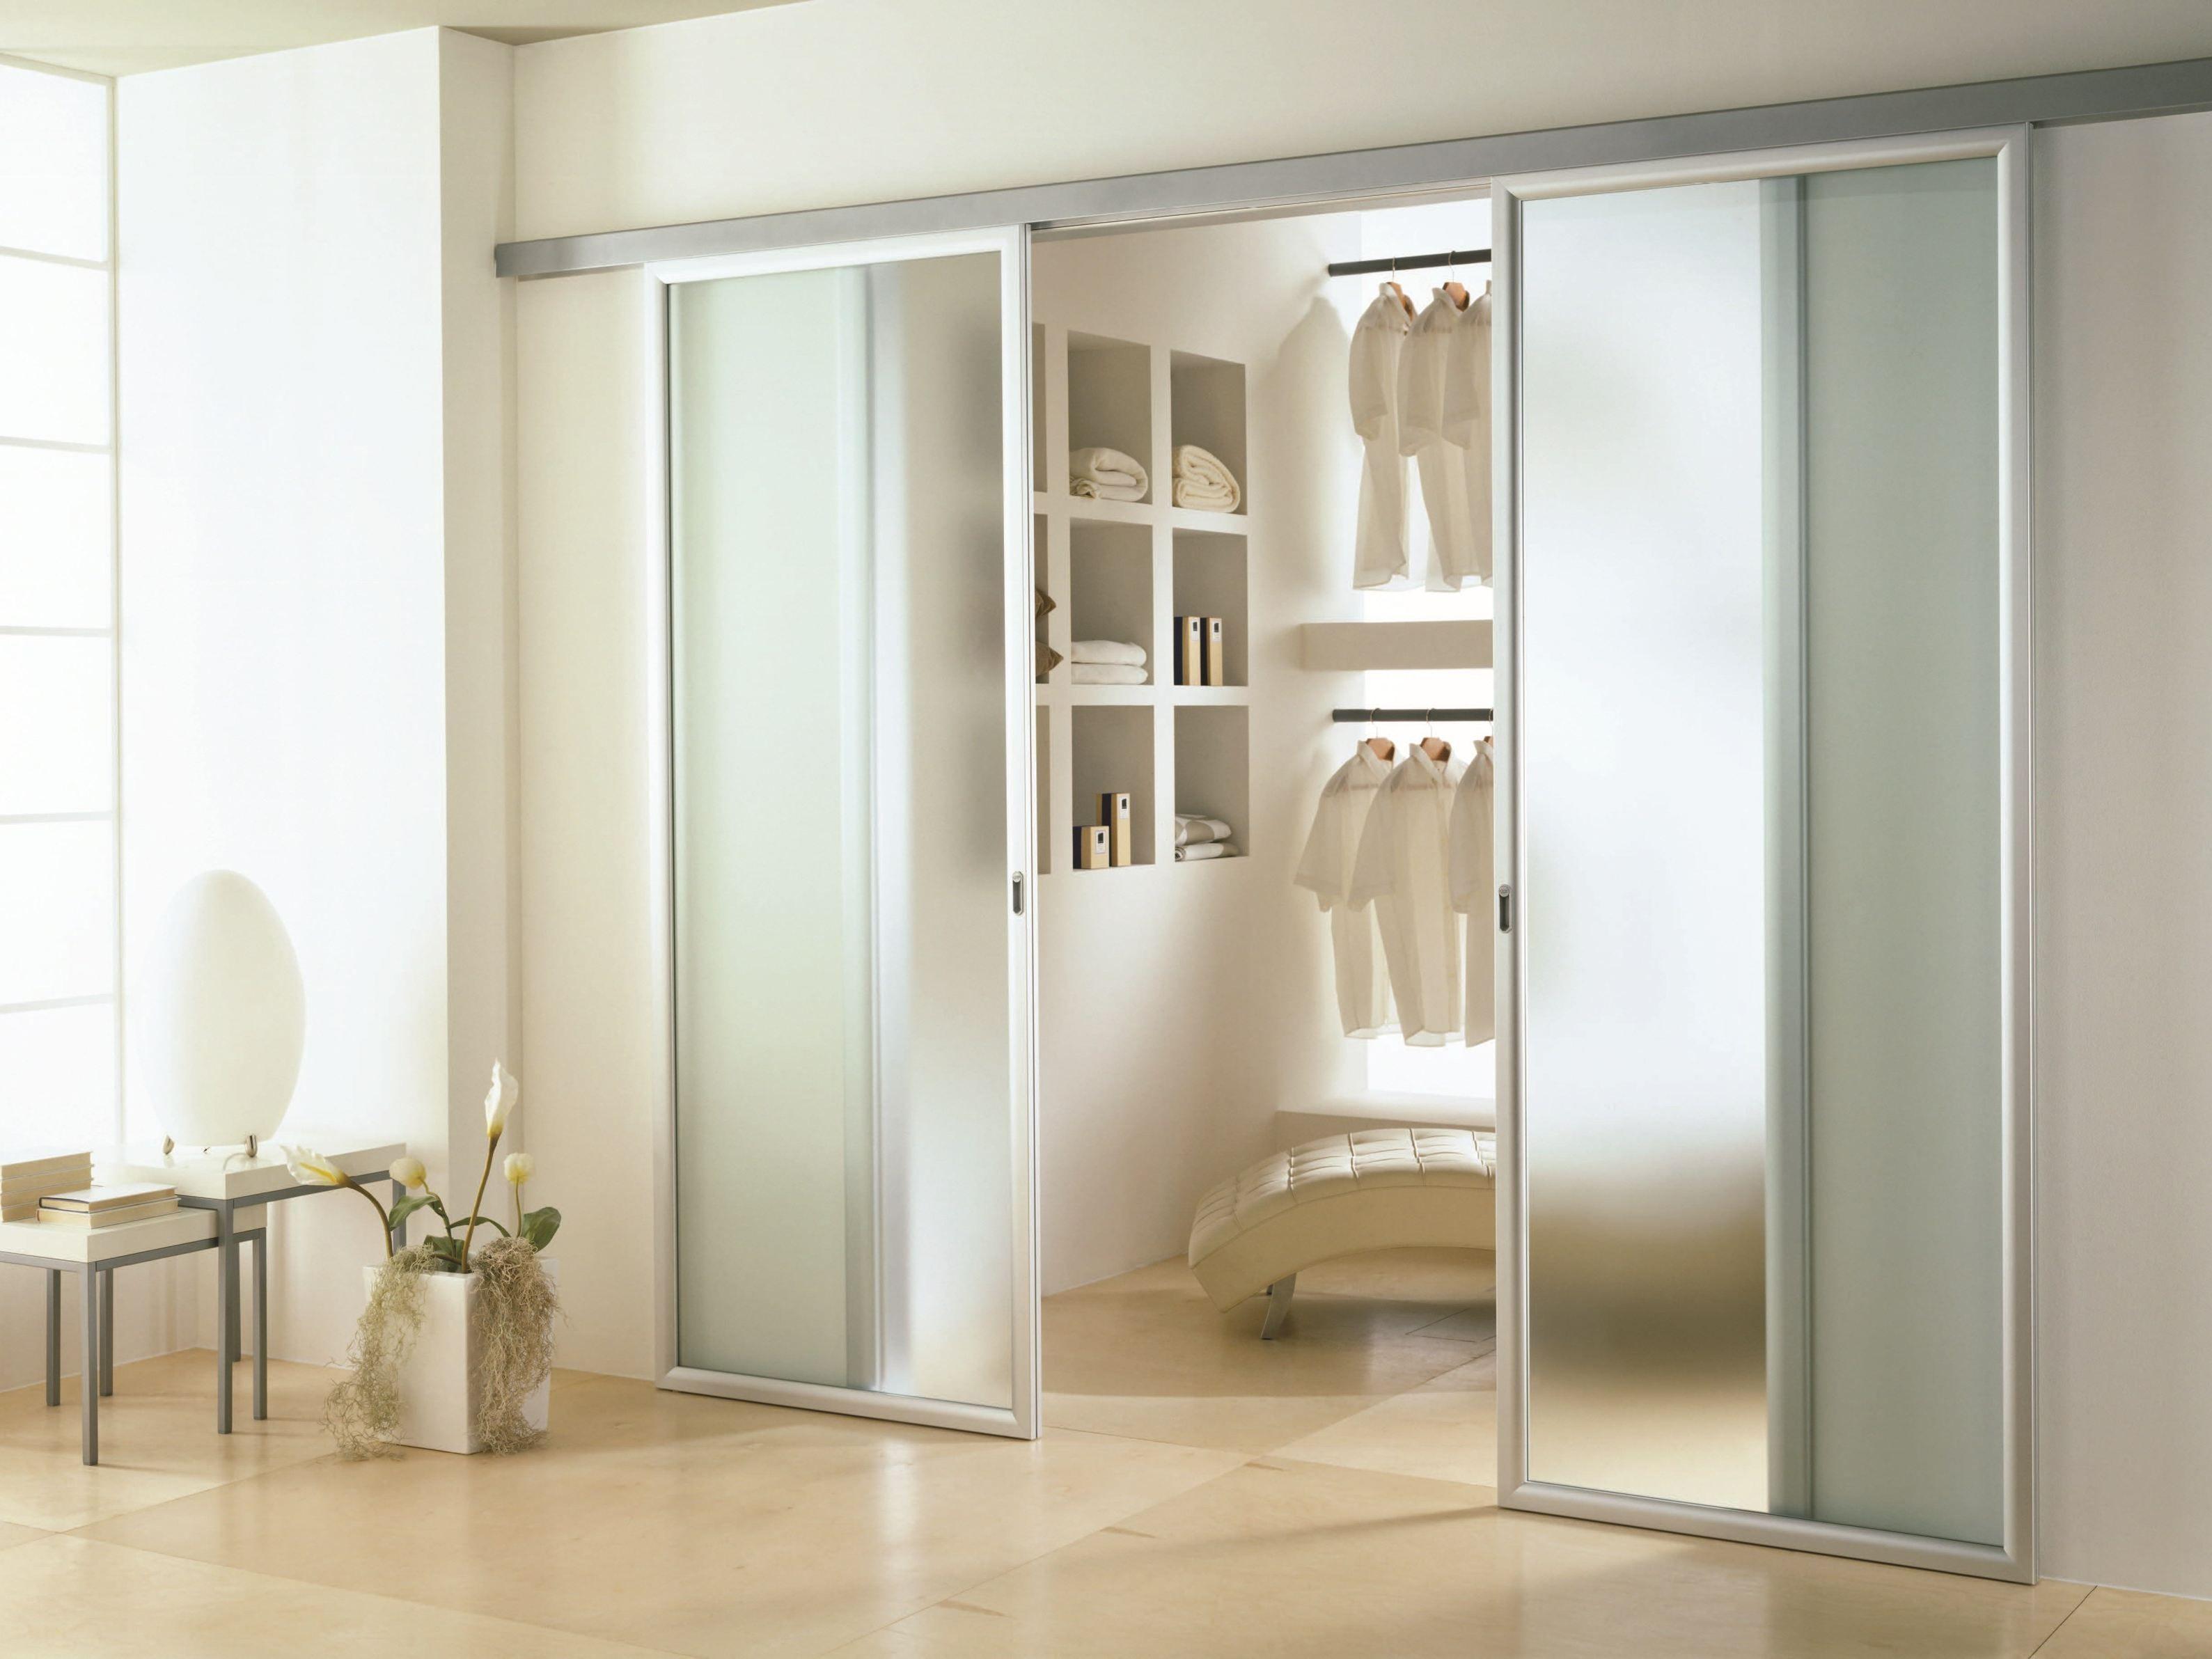 Muebles De Cocina Con Vidrio Esmerilado_20170715143126 Vangion Com ~ Puerta Corredera Cristal Cocina